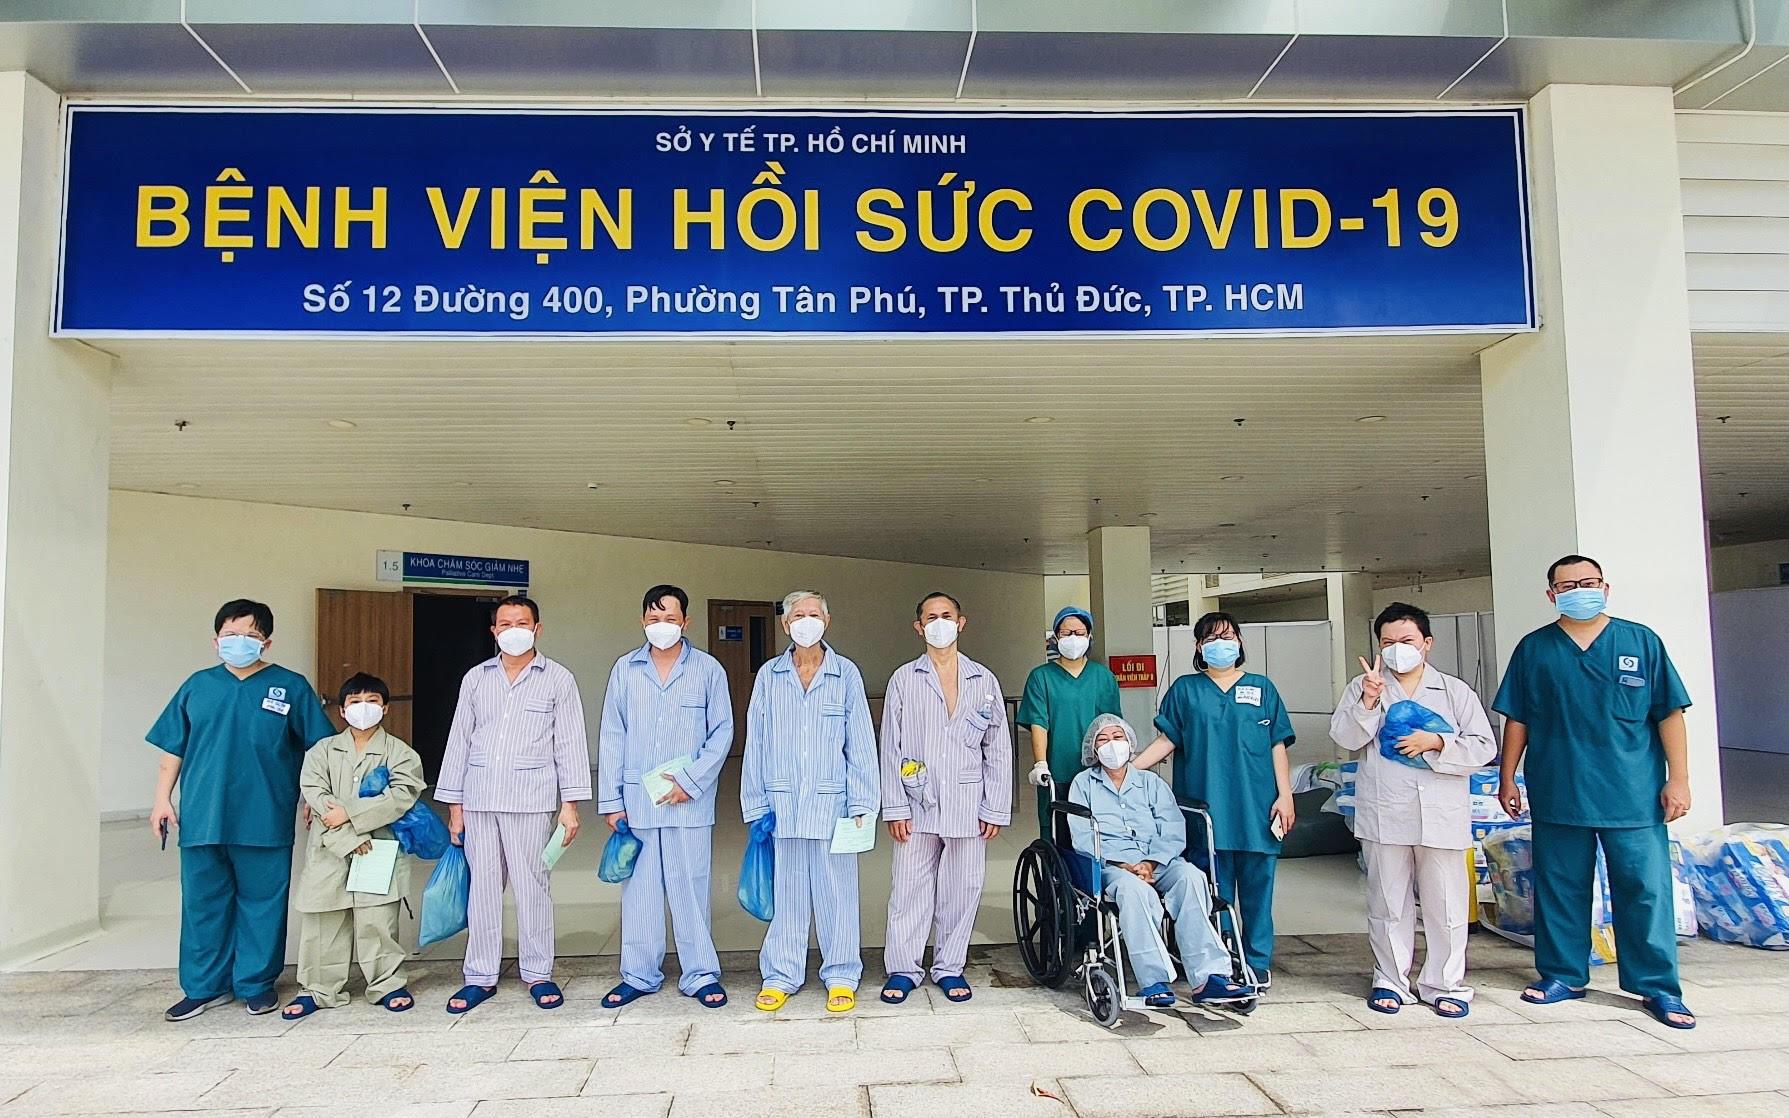 Bệnh viện hồi sức Covid-19 TP.HCM: 10 bệnh nhân nặng được xuất viện